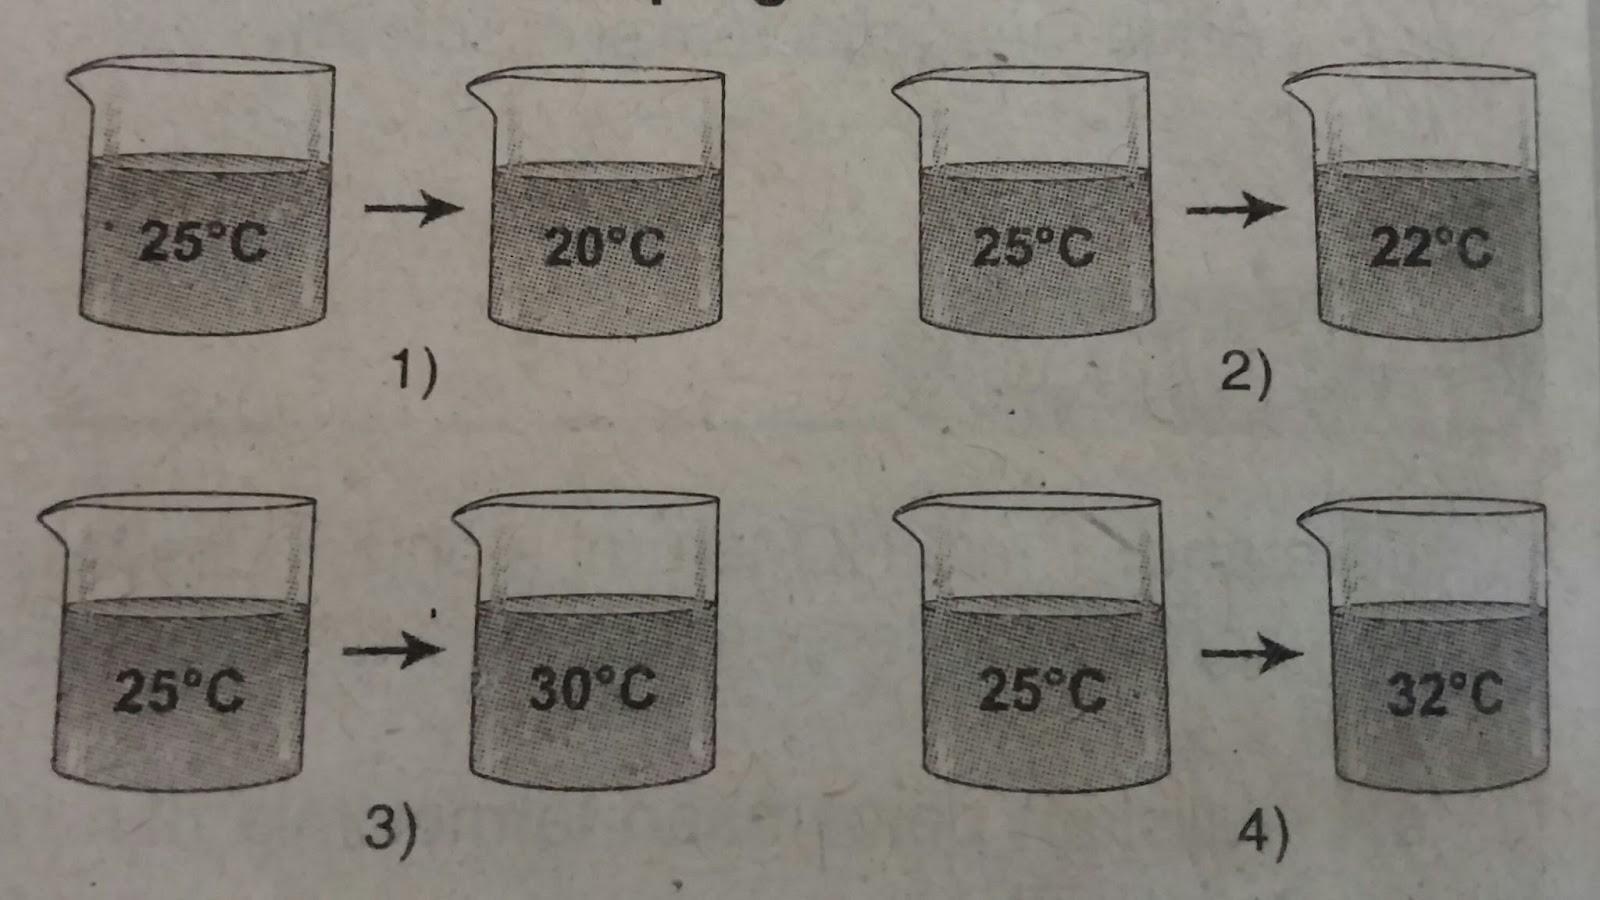 Tutorial menjawab soal kimia tentang sistem lingkungan eksoterm terjadinya rekasi endoterm ditunjukkan oleh gambar nomor ccuart Image collections